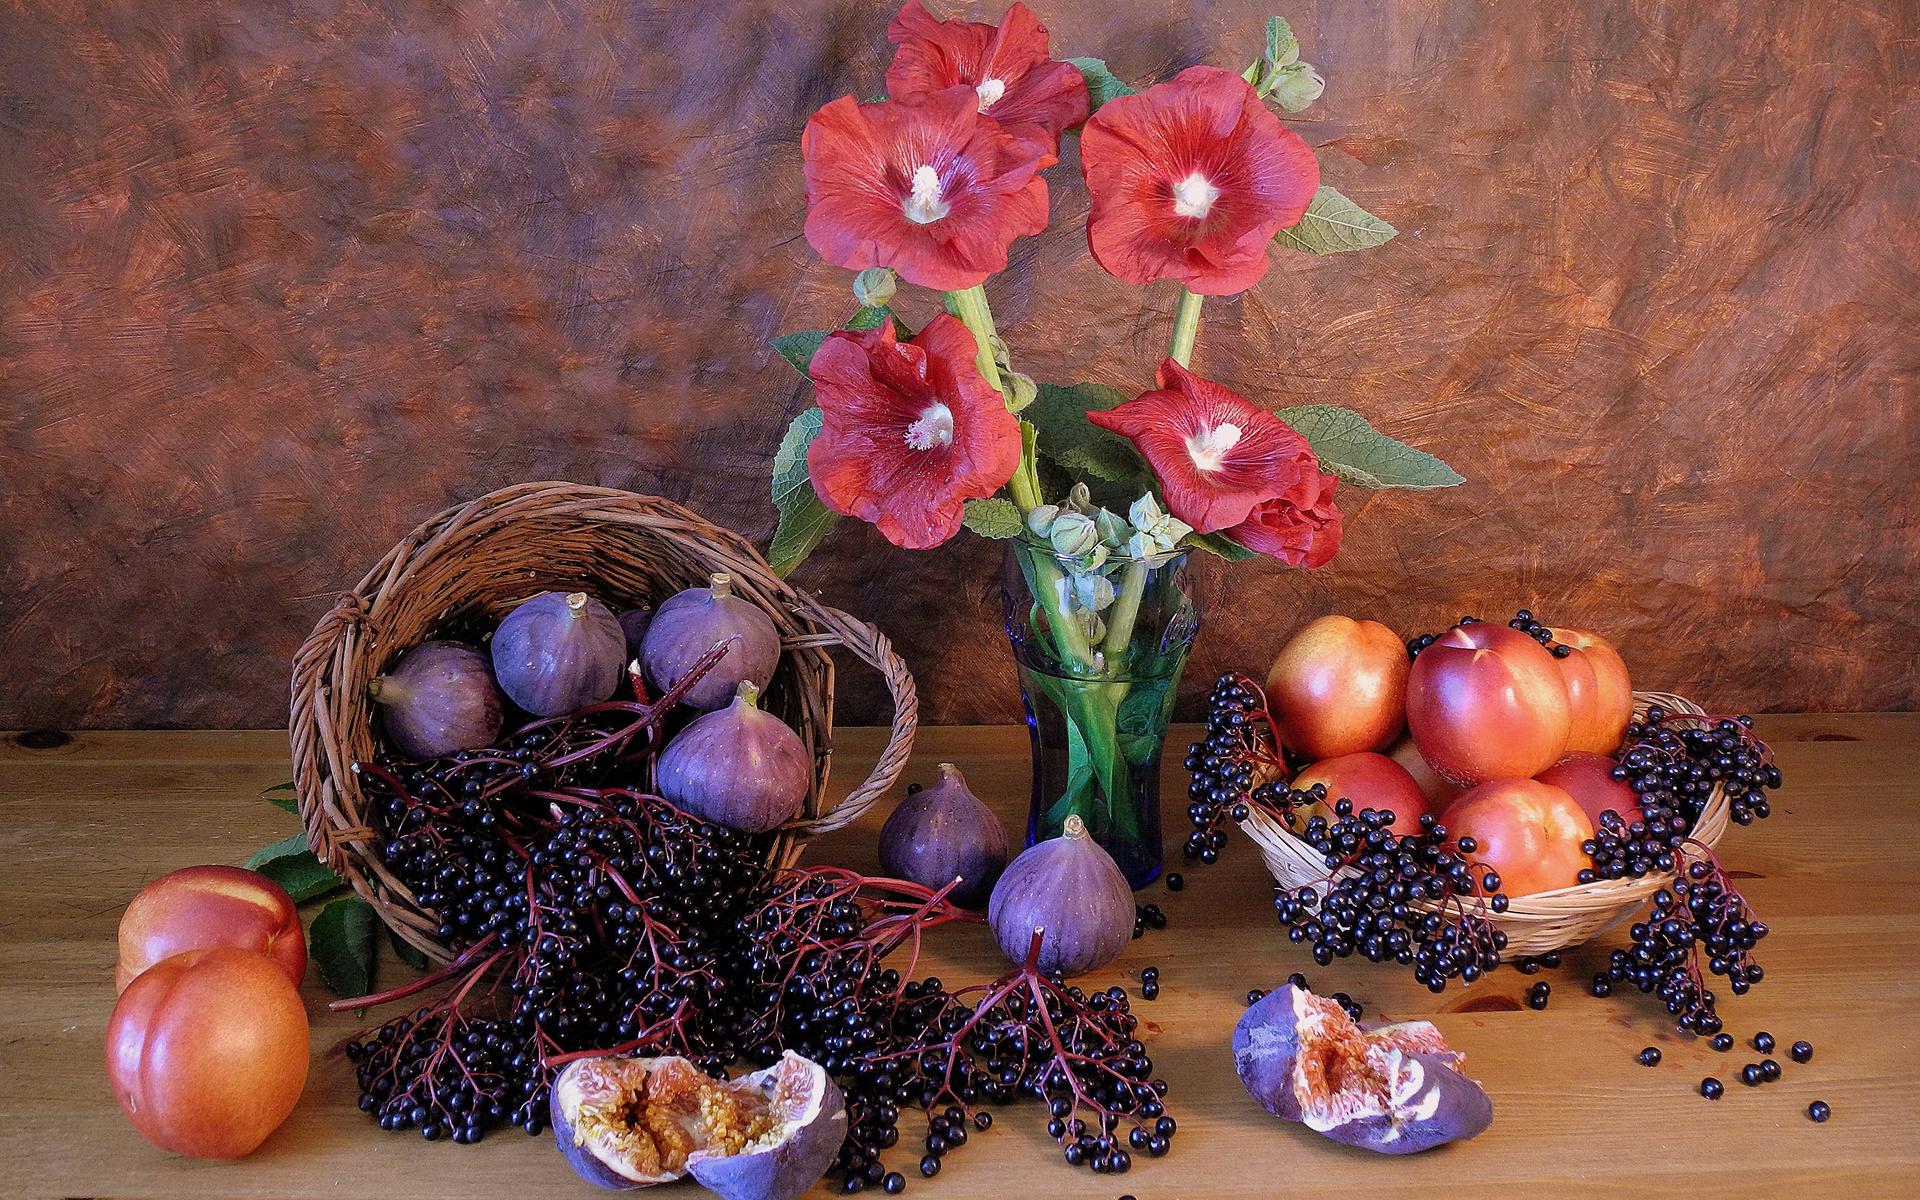 картинки натюрморт с ягодами была